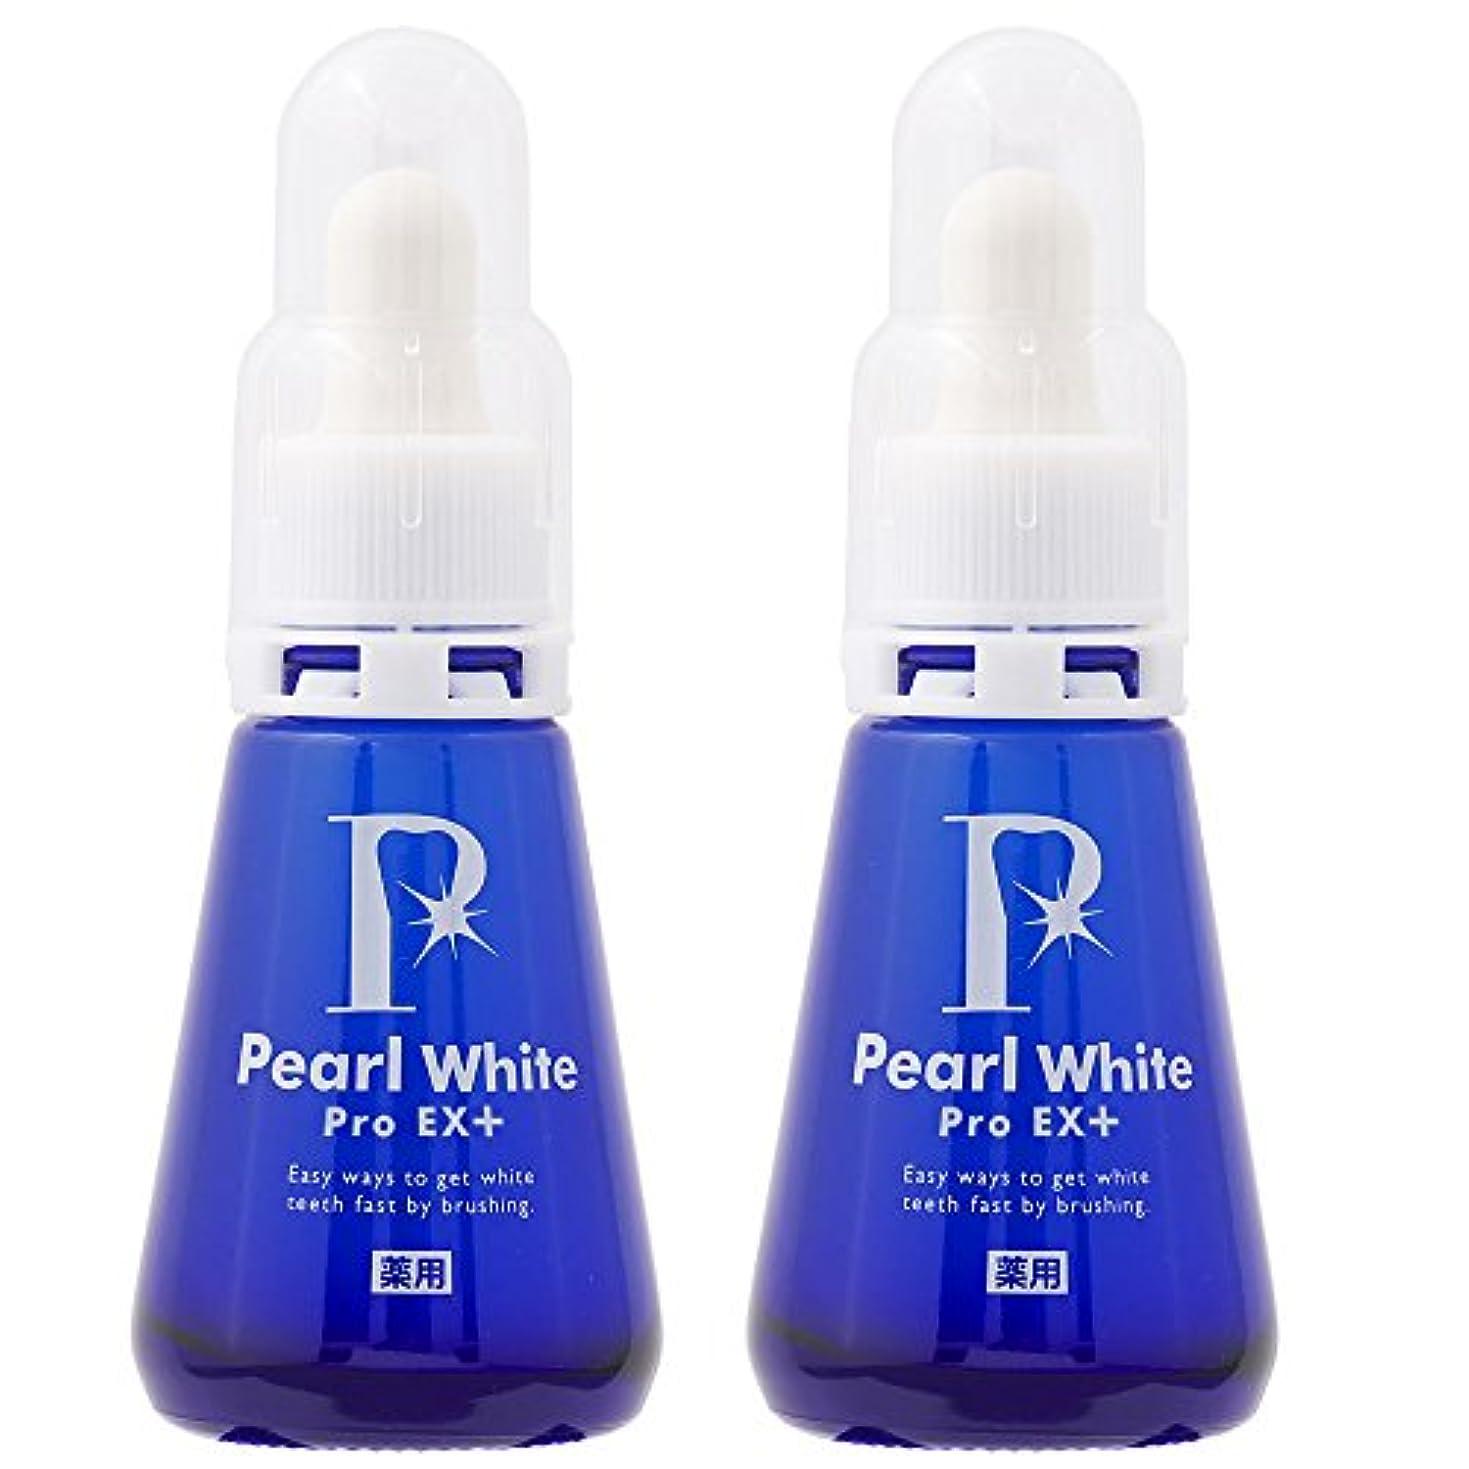 スチール母性欠点新成分!薬用パール ホワイト プロ EXプラス お得な2本セット 歯のホワイトニング 自宅で簡単 白い歯 虫歯予防